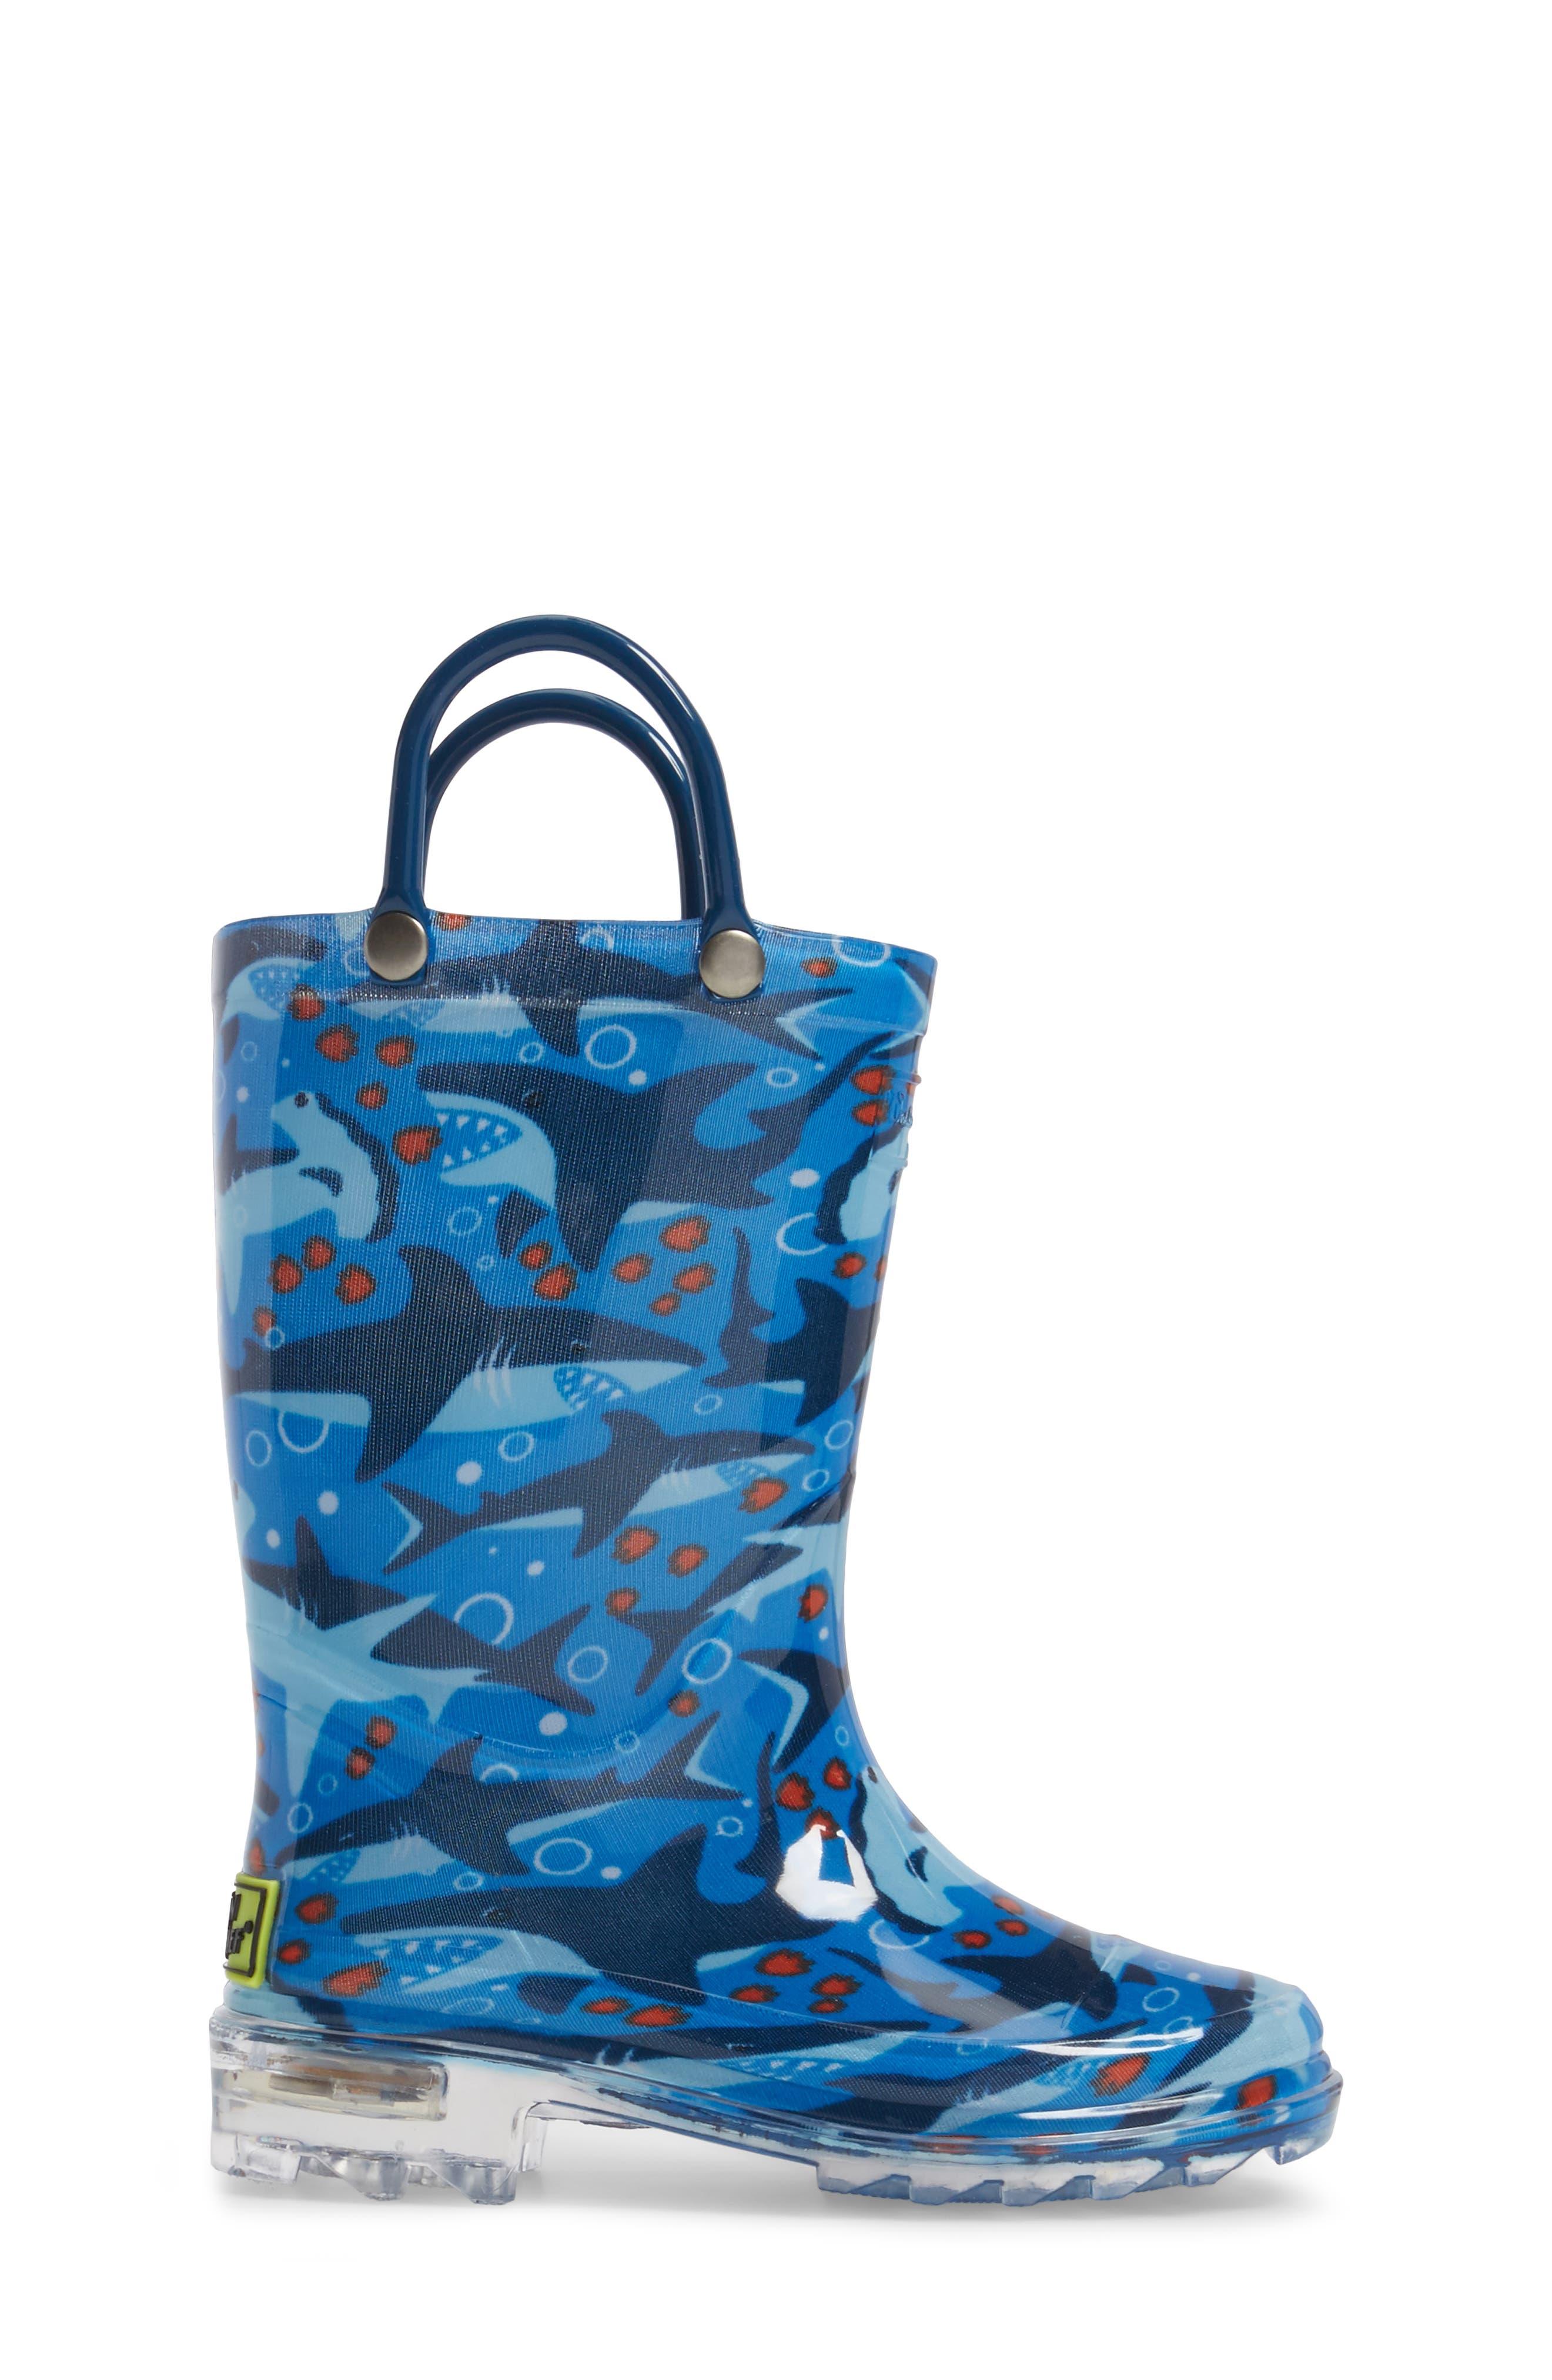 Shark Chase Light-Up Rain Boot,                             Alternate thumbnail 3, color,                             420